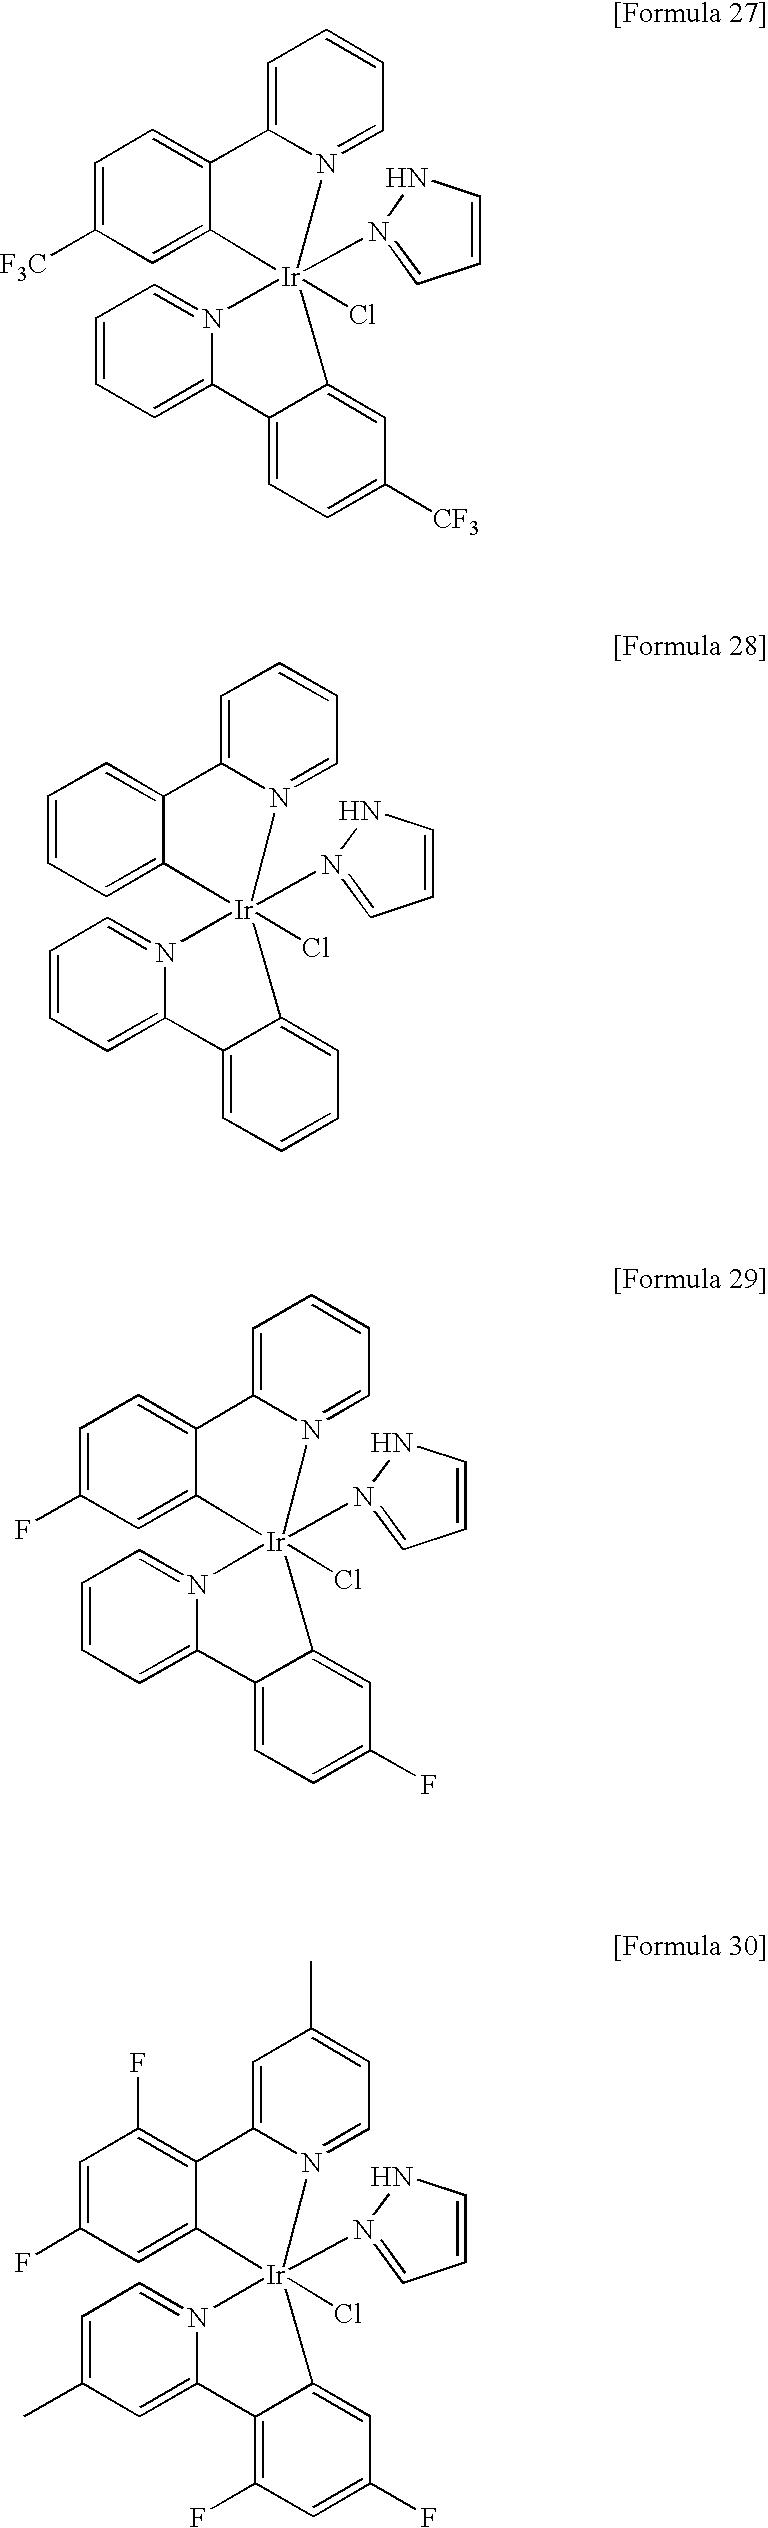 Figure US20050112406A1-20050526-C00012